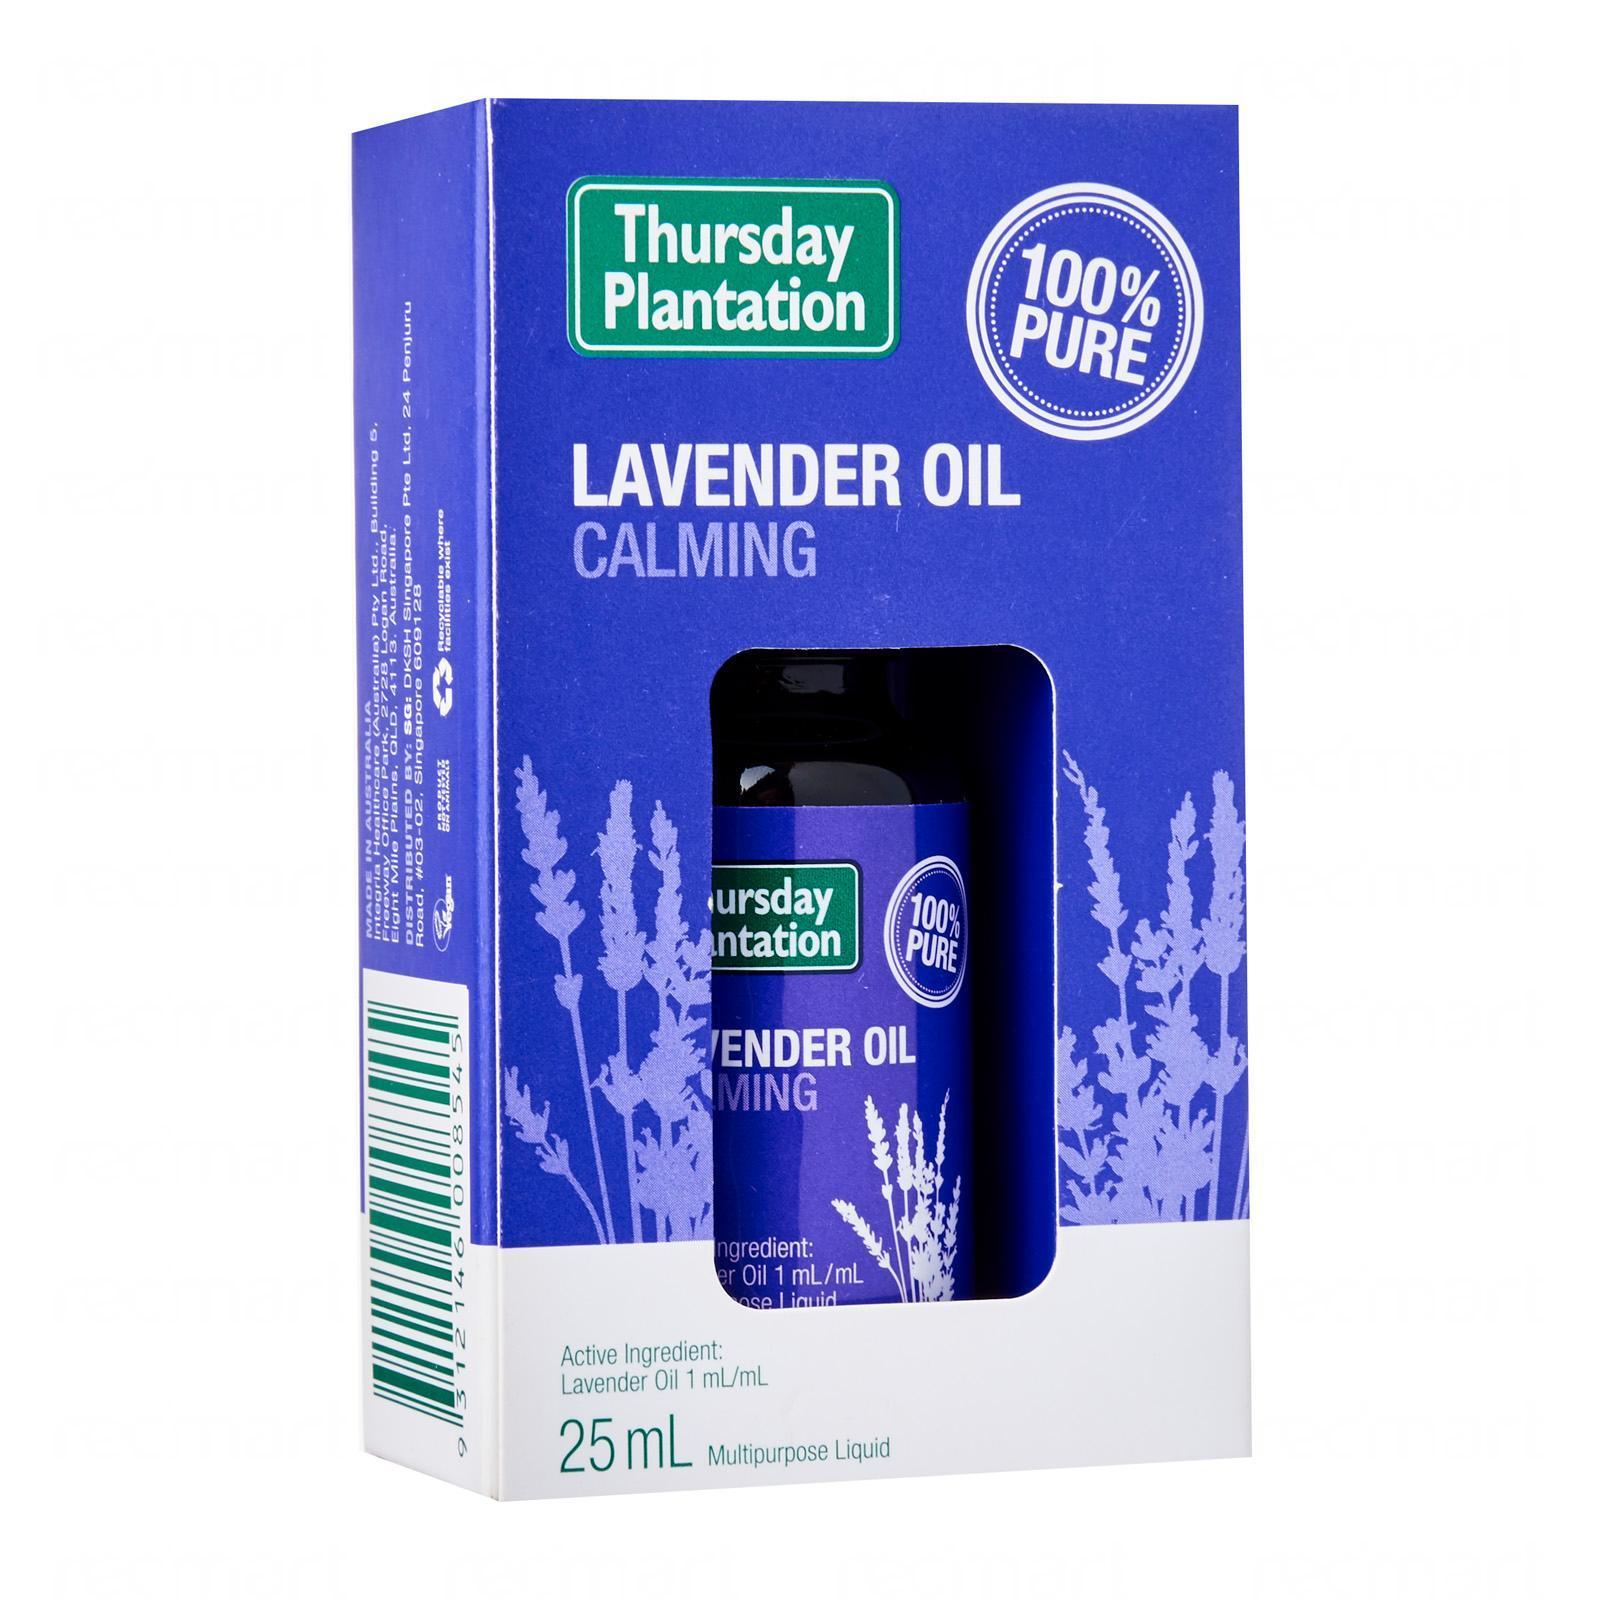 Thursday Plantation Lavender Oil 25 Ml - By Medic Drugstore